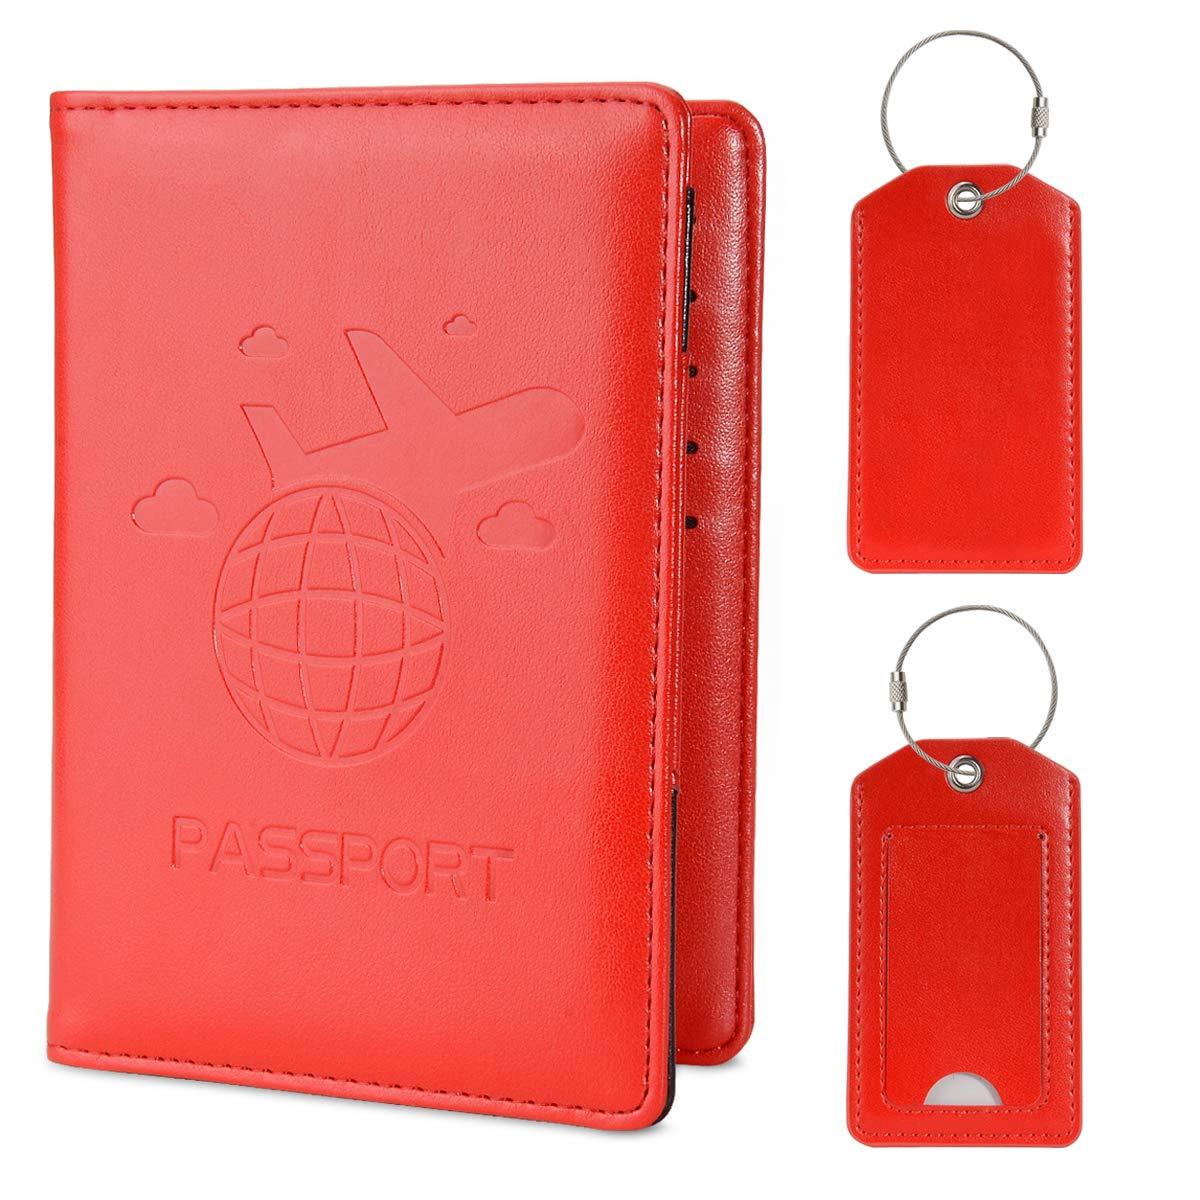 COCASE protège Passeport Housse, RFID Blocage Voyage Protecteur Portefeuille Pochette étui de Protection Passeport avec 2 l'étiquette de Bagage Documents (l'or Rose) CO-pspt-rg